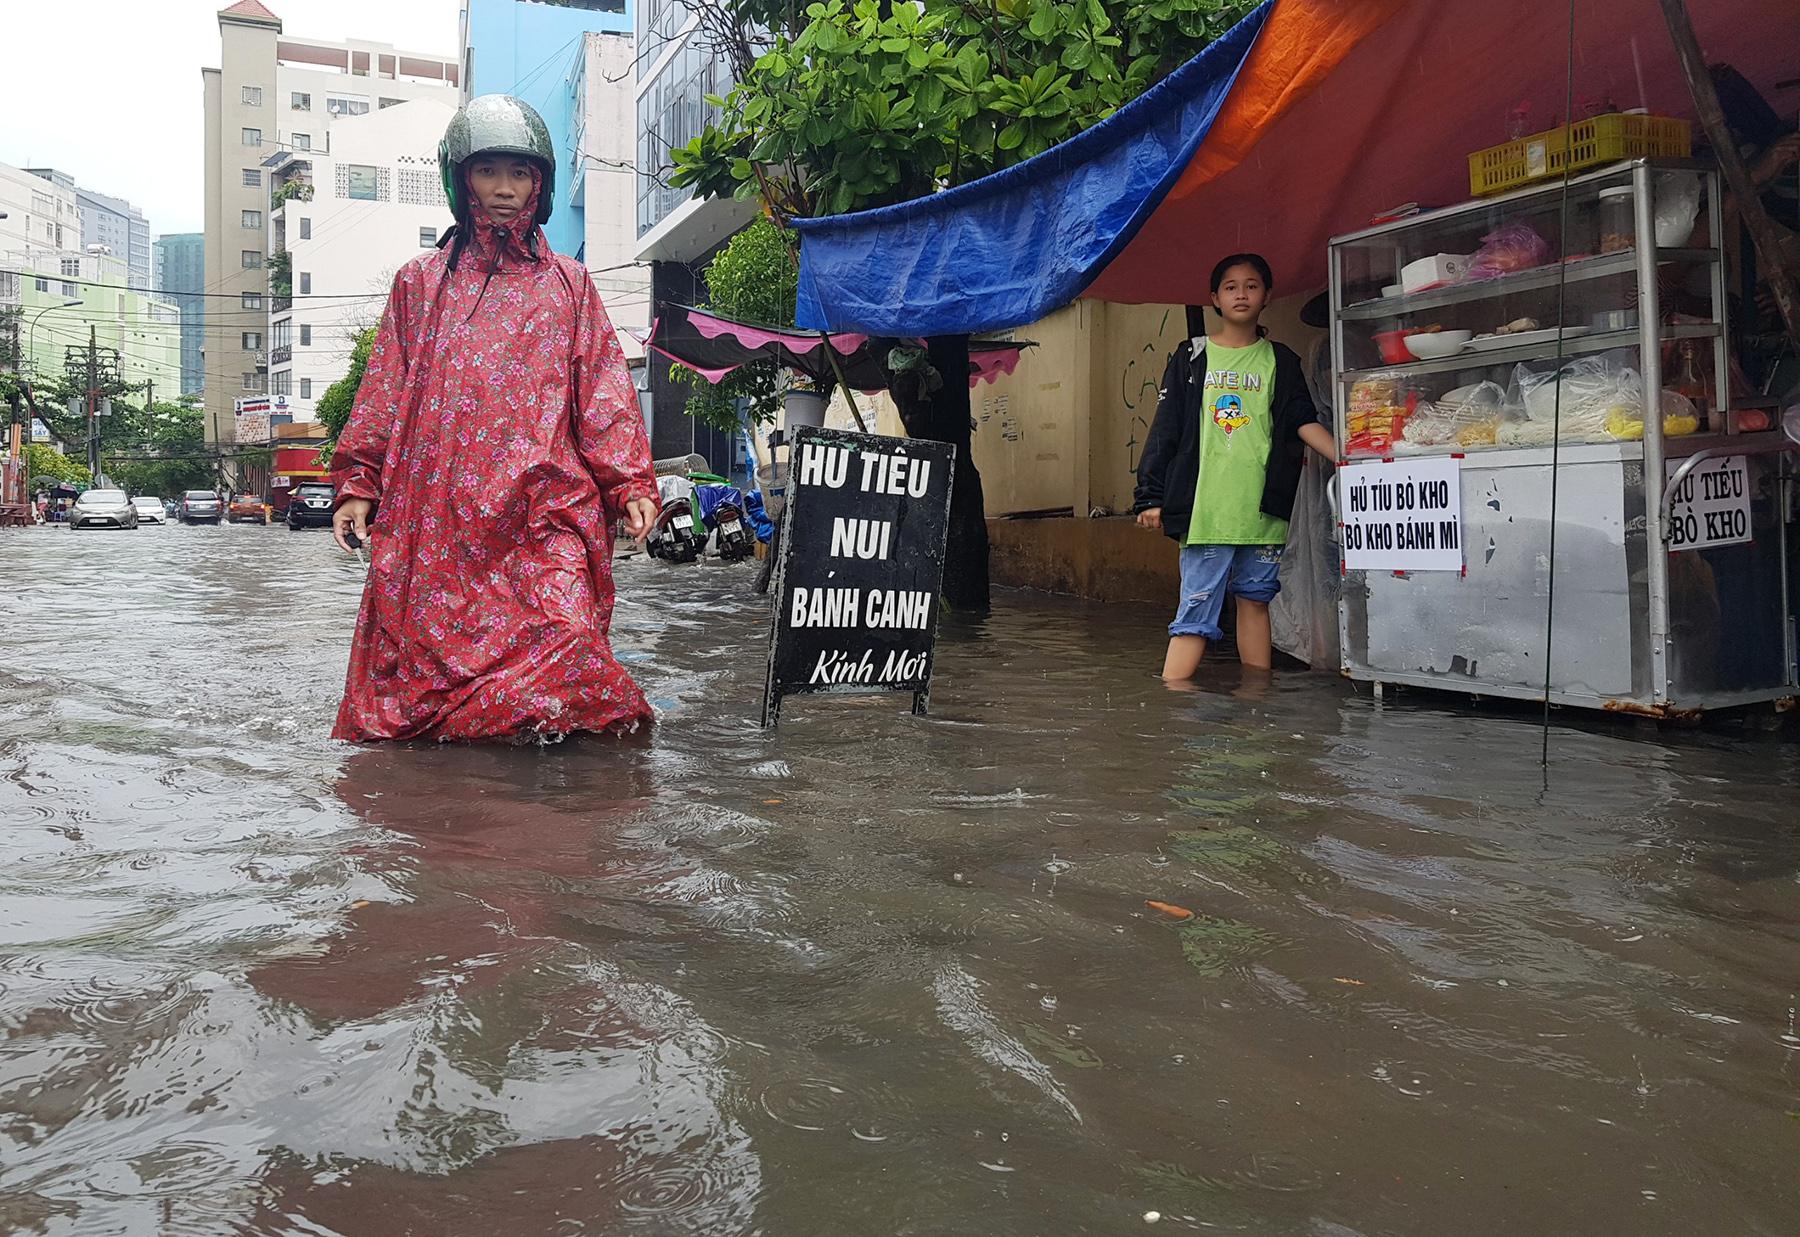 Mưa từ sáng đến trưa, đường Sài Gòn ngập khủng khiếp, nước ngập gần lút bánh xe - 5